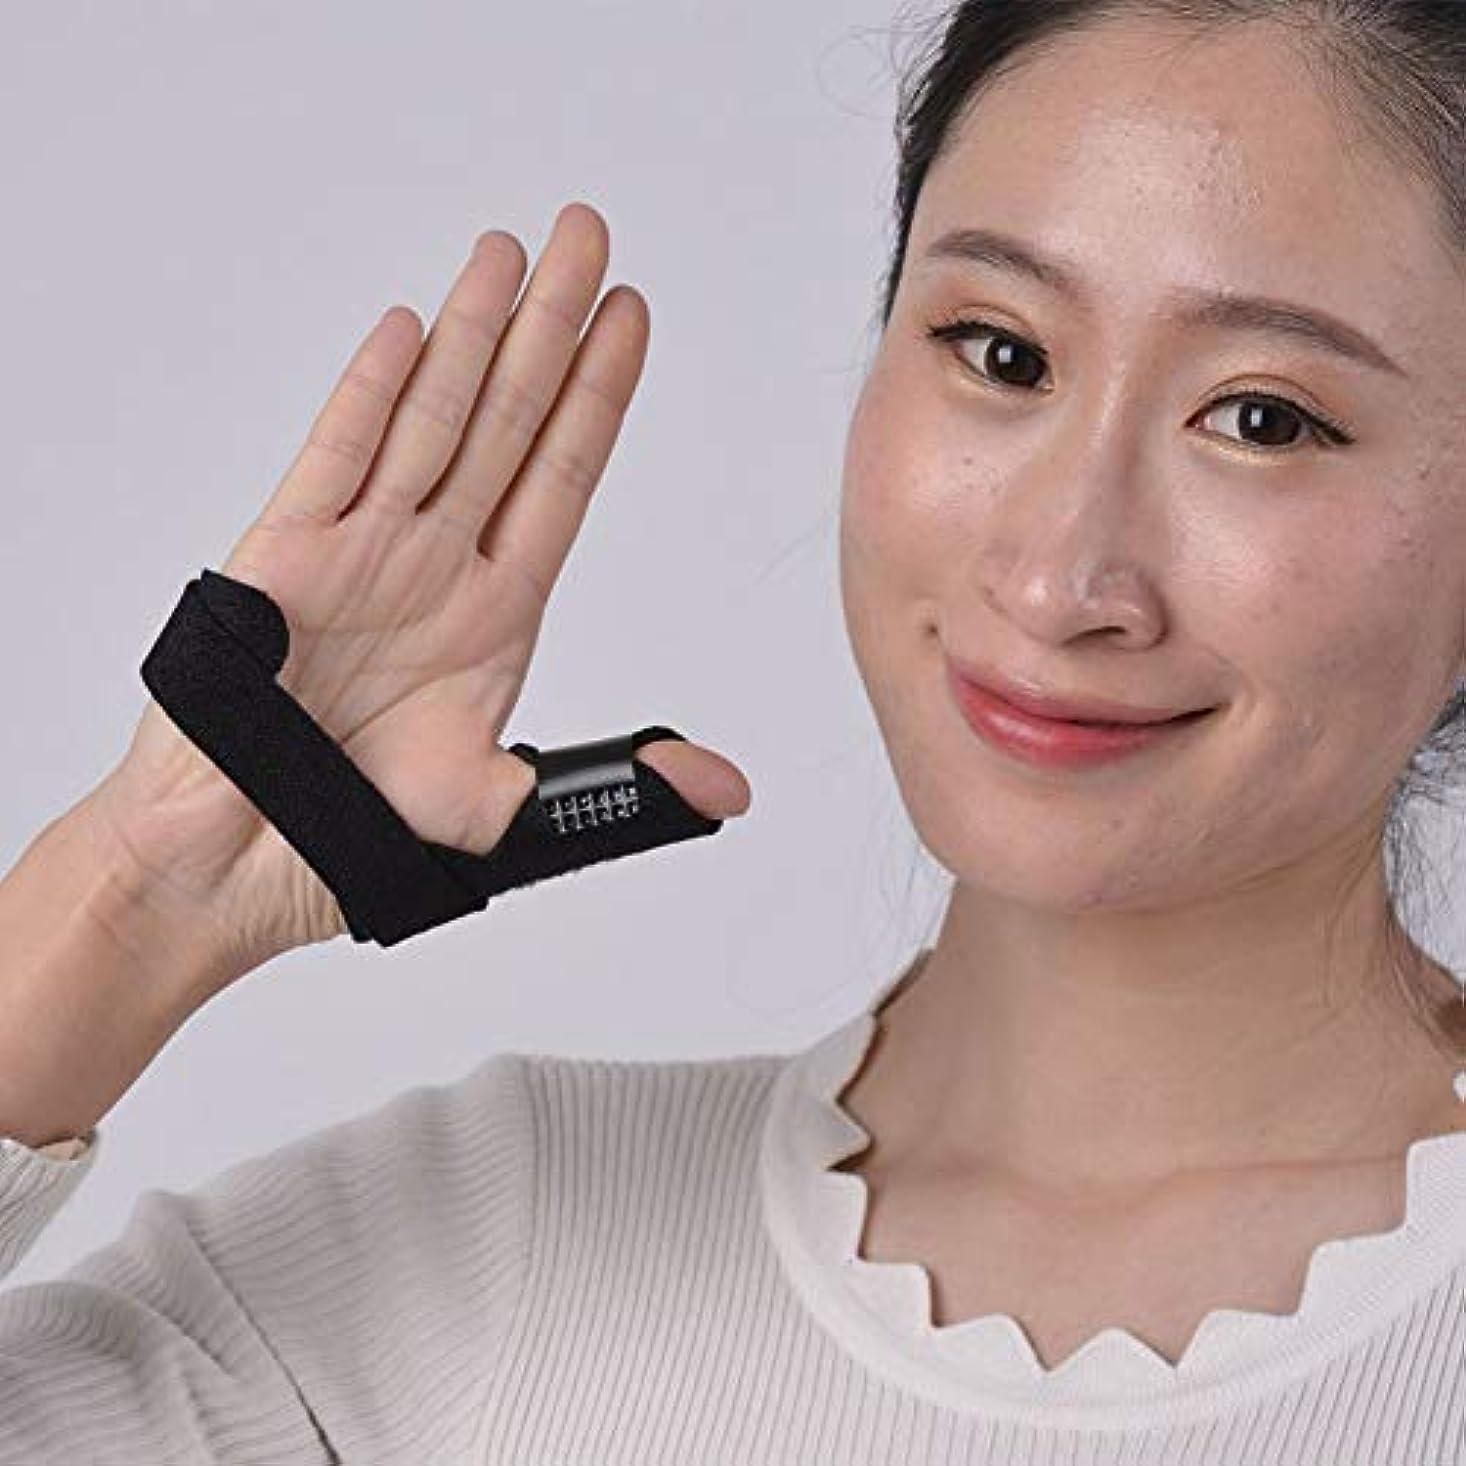 試用逆説寺院引き金指関節炎靭帯の痛み指骨折創傷術後のケアと痛みを軽減するための指ストレイテナー固定副木